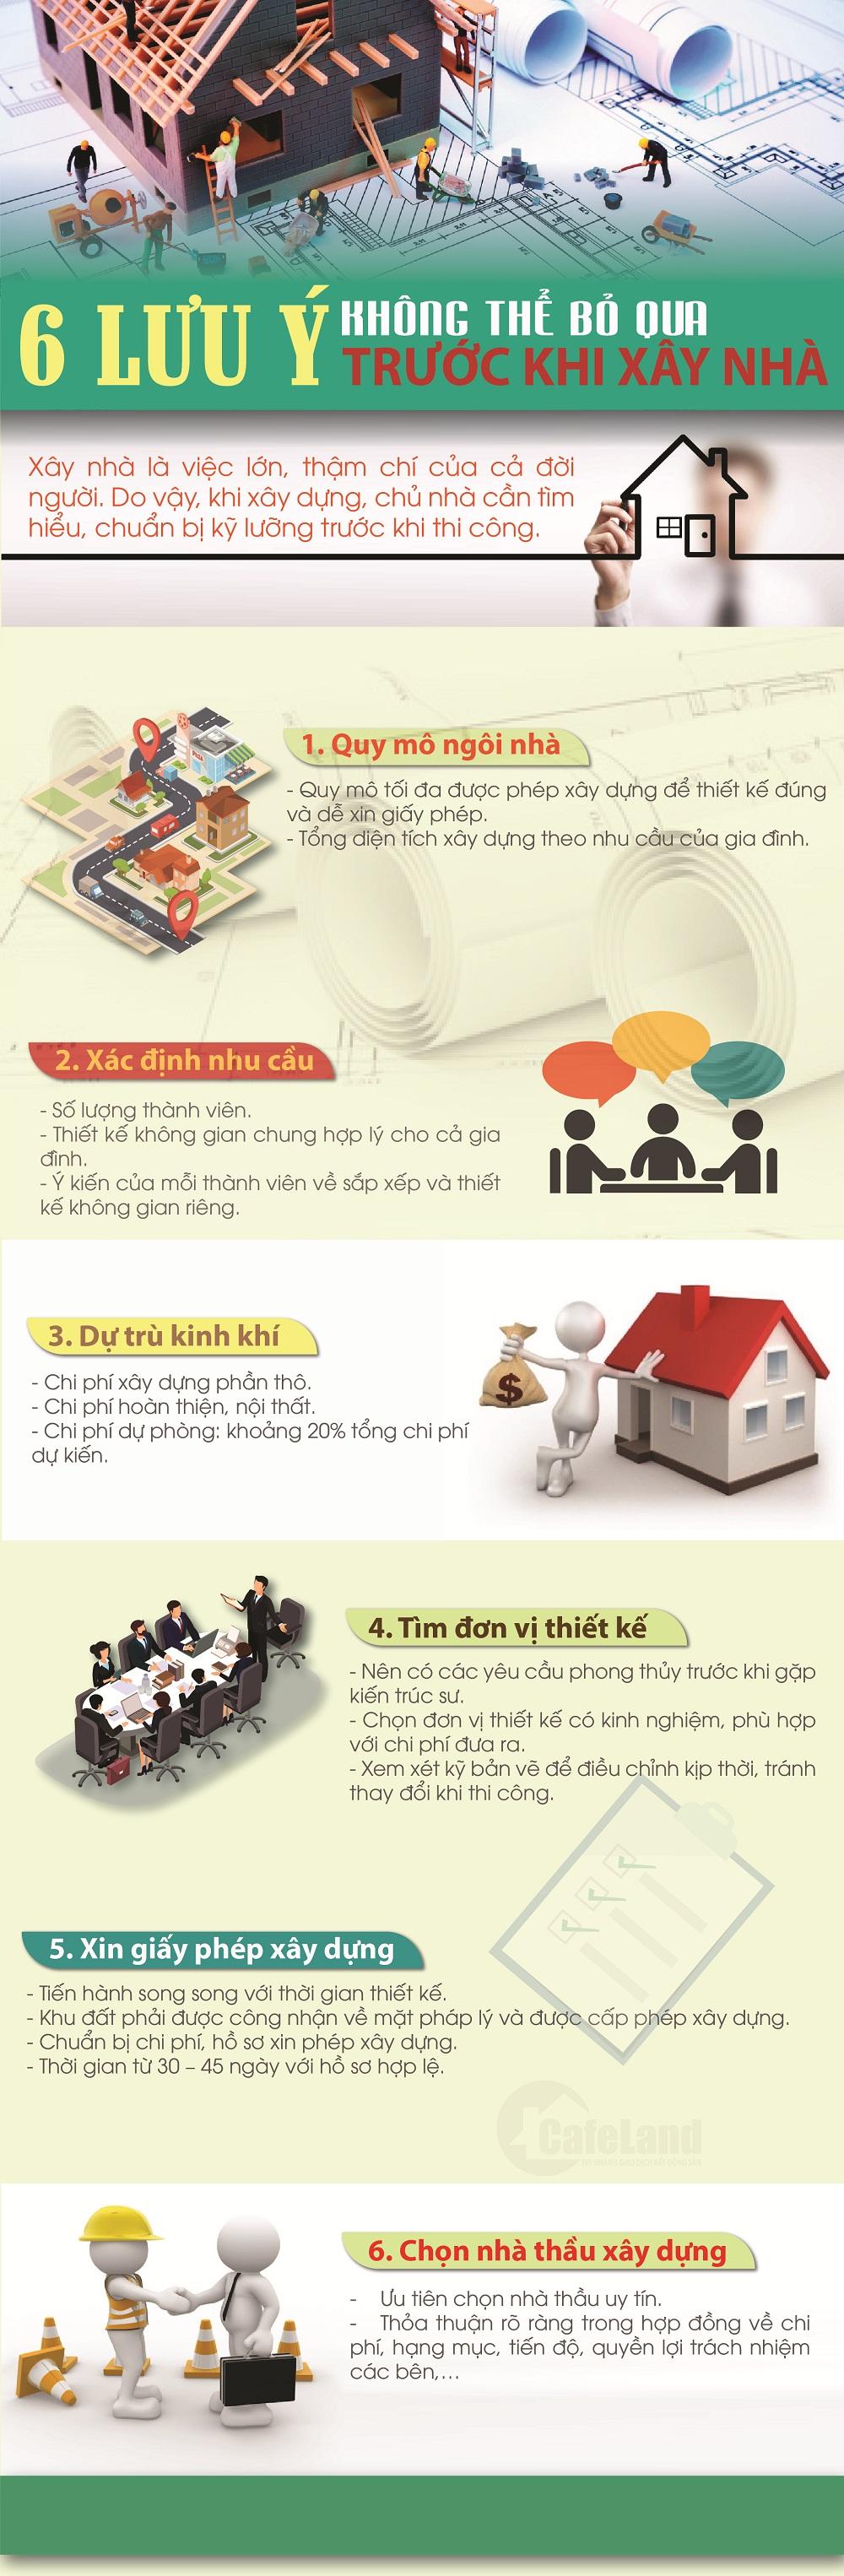 Infographic: 6 lưu ý không thể bỏ qua trước khi xây nhà